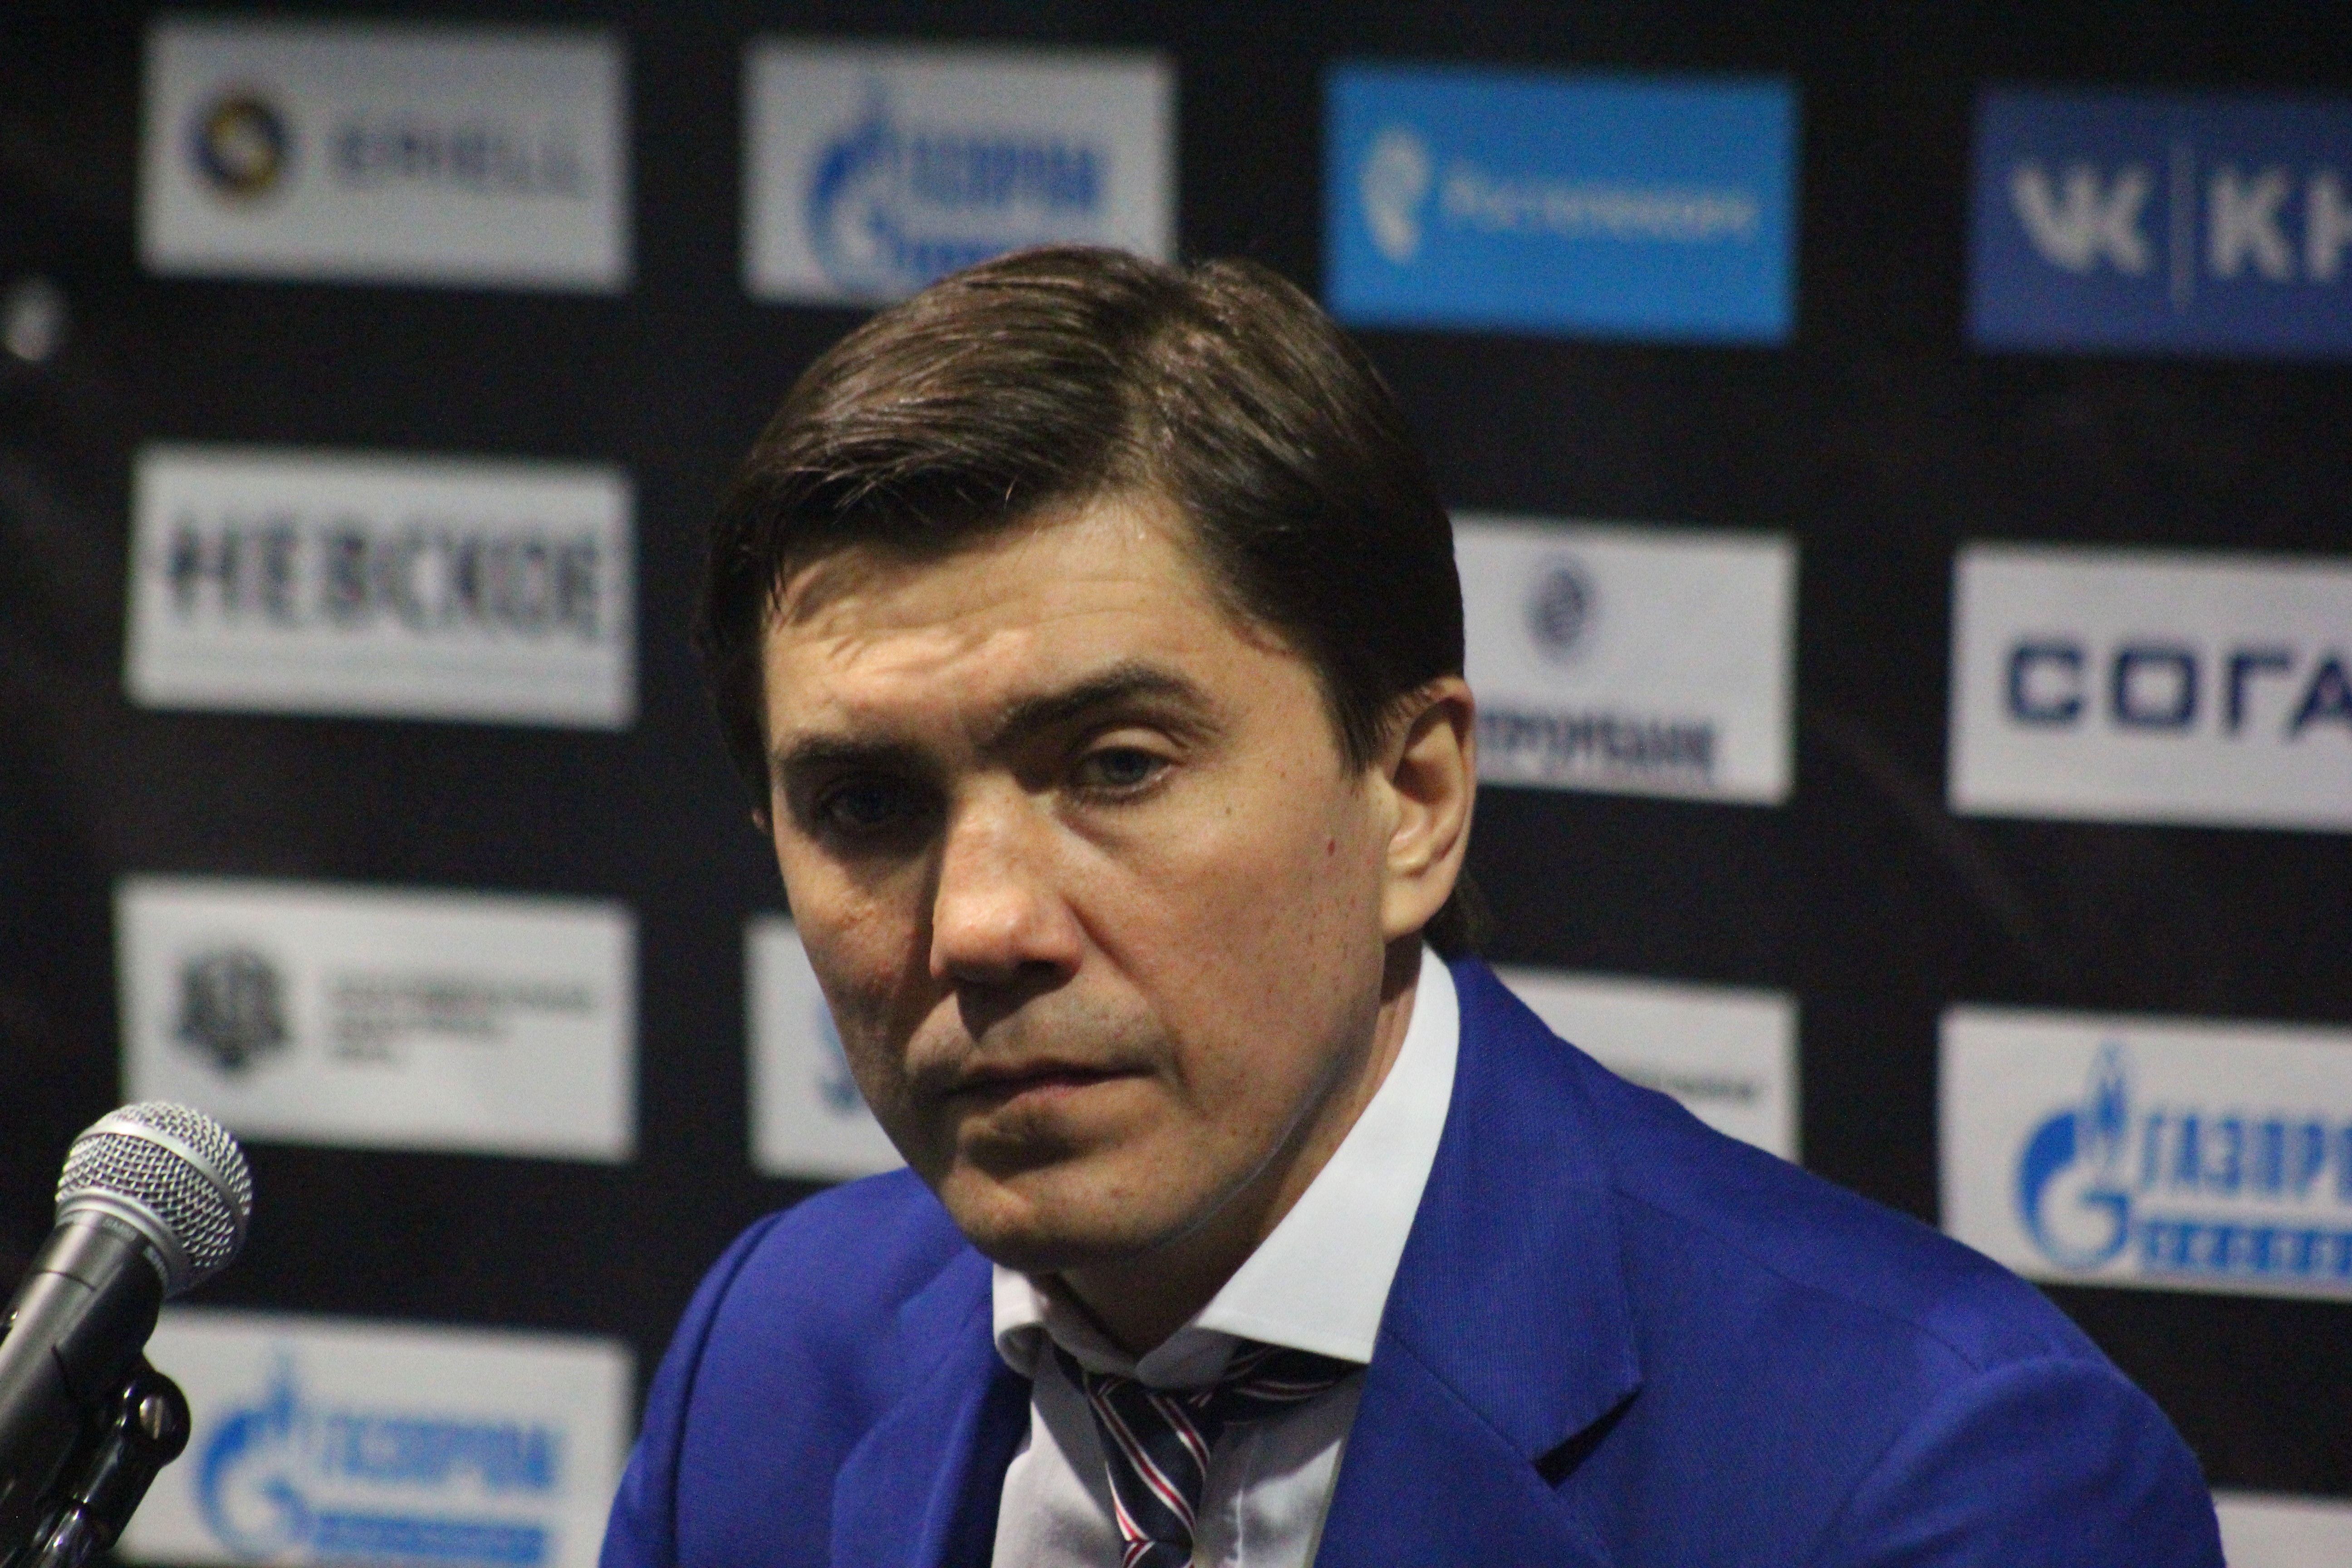 Никитин: ЦСКА весь сезон готовится к плей-офф